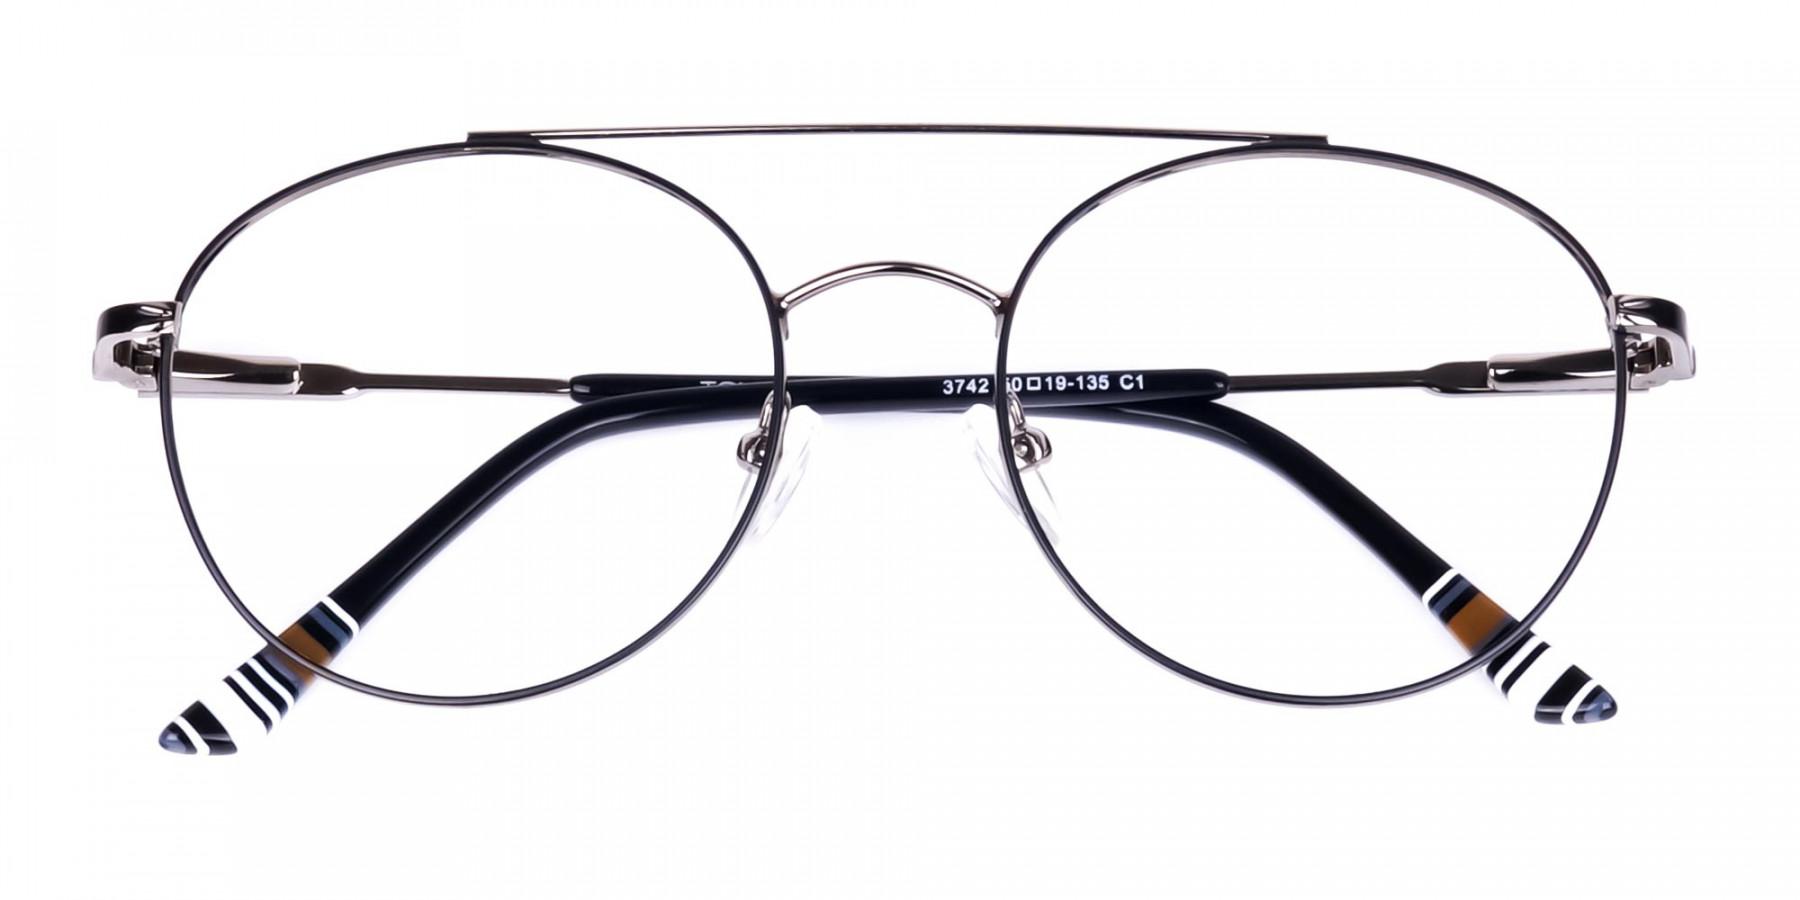 blue light reading glasses-1